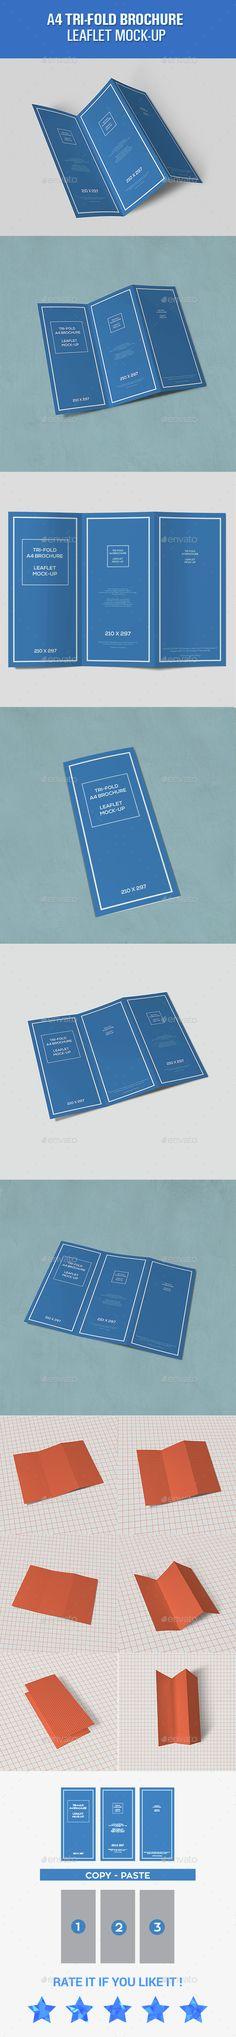 Tri-Fold Leaflet A4 brochure Mockups. Download here: http://graphicriver.net/item/trifold-leaflet-a4-brochure-mockups-/15461783?ref=ksioks